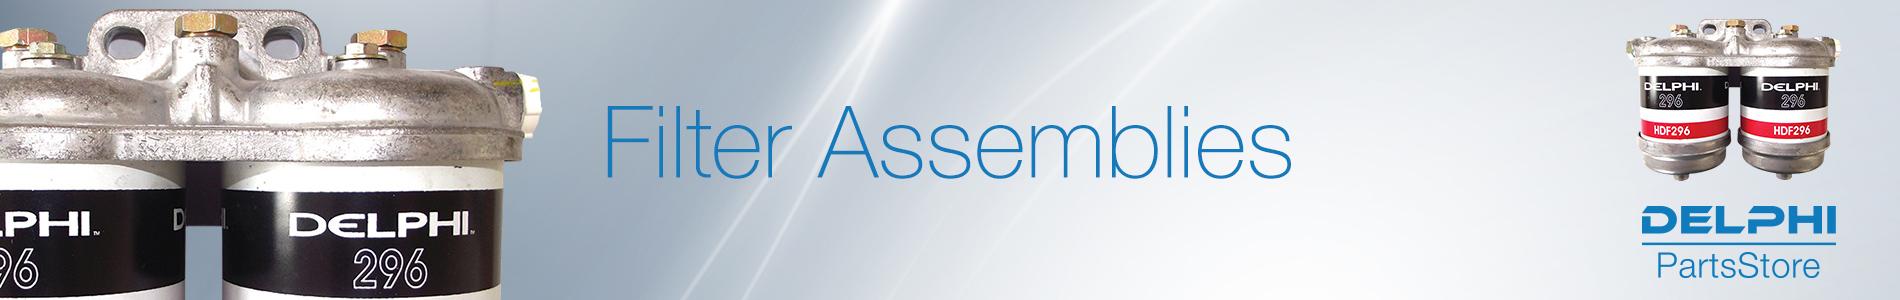 Filter Assemblies